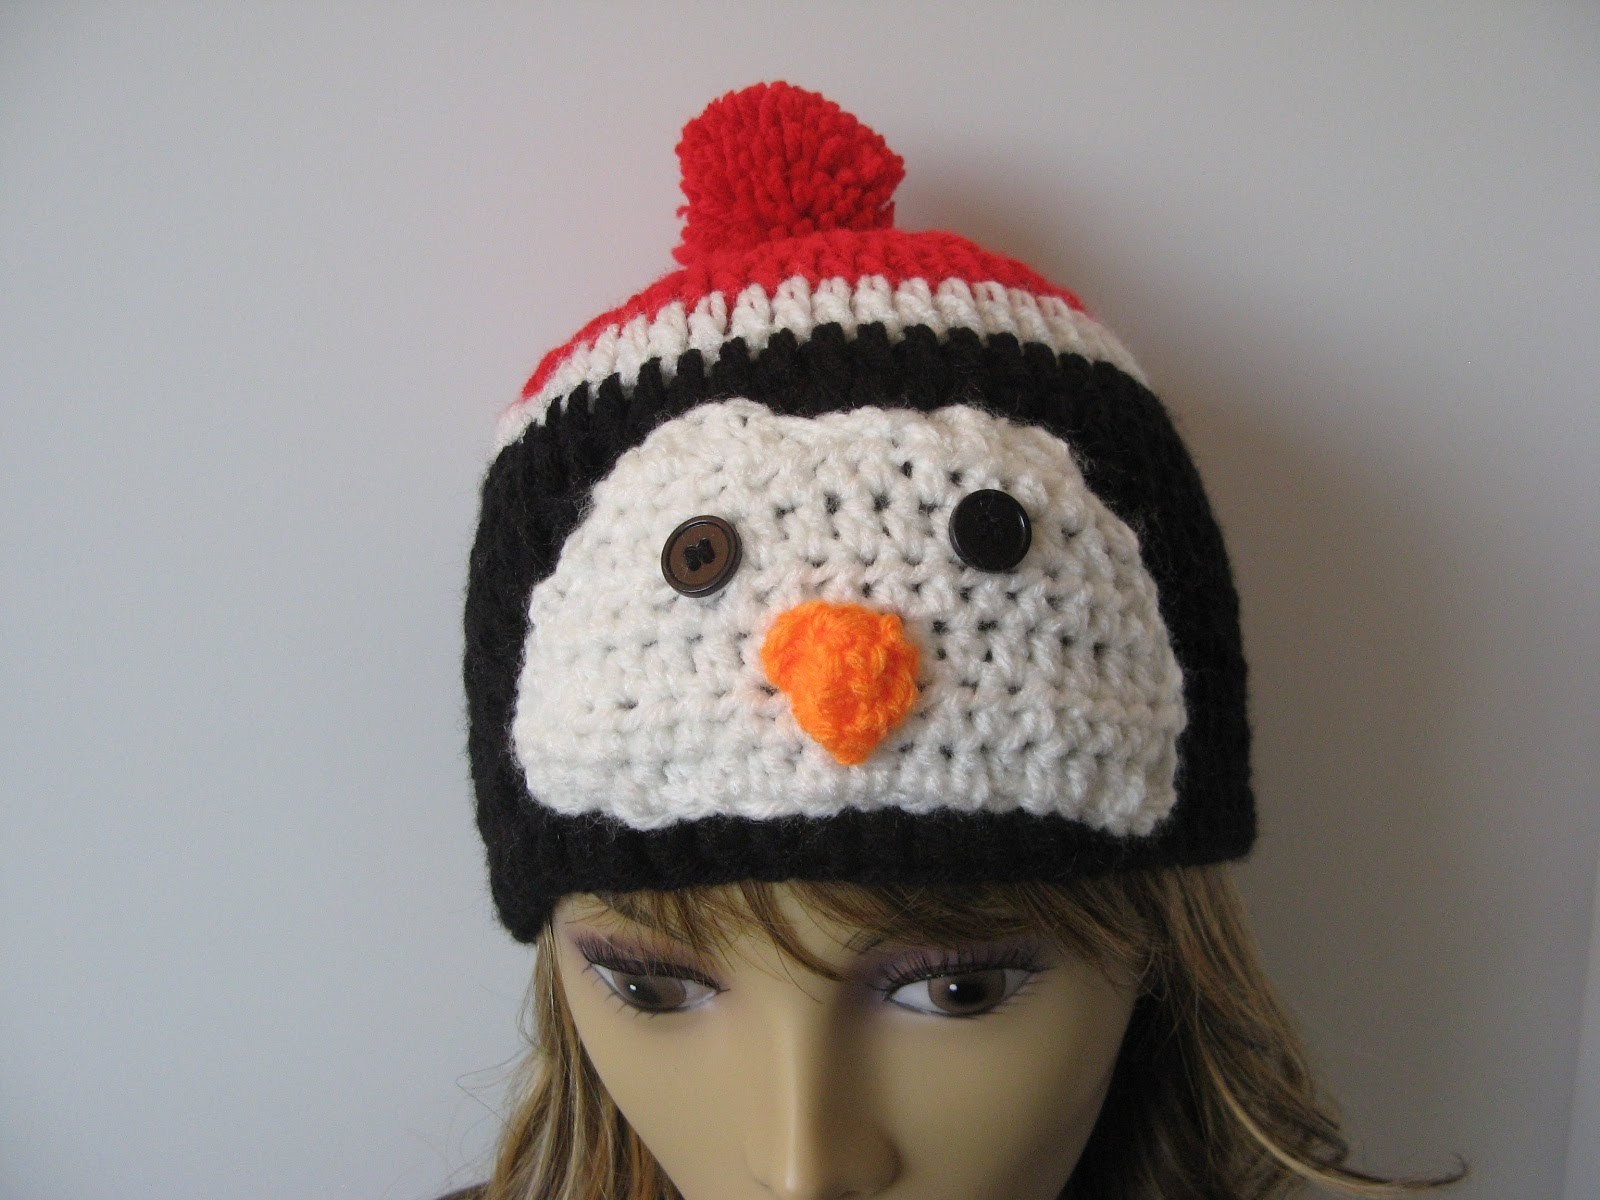 Crochet Penguin wearing beanie hat